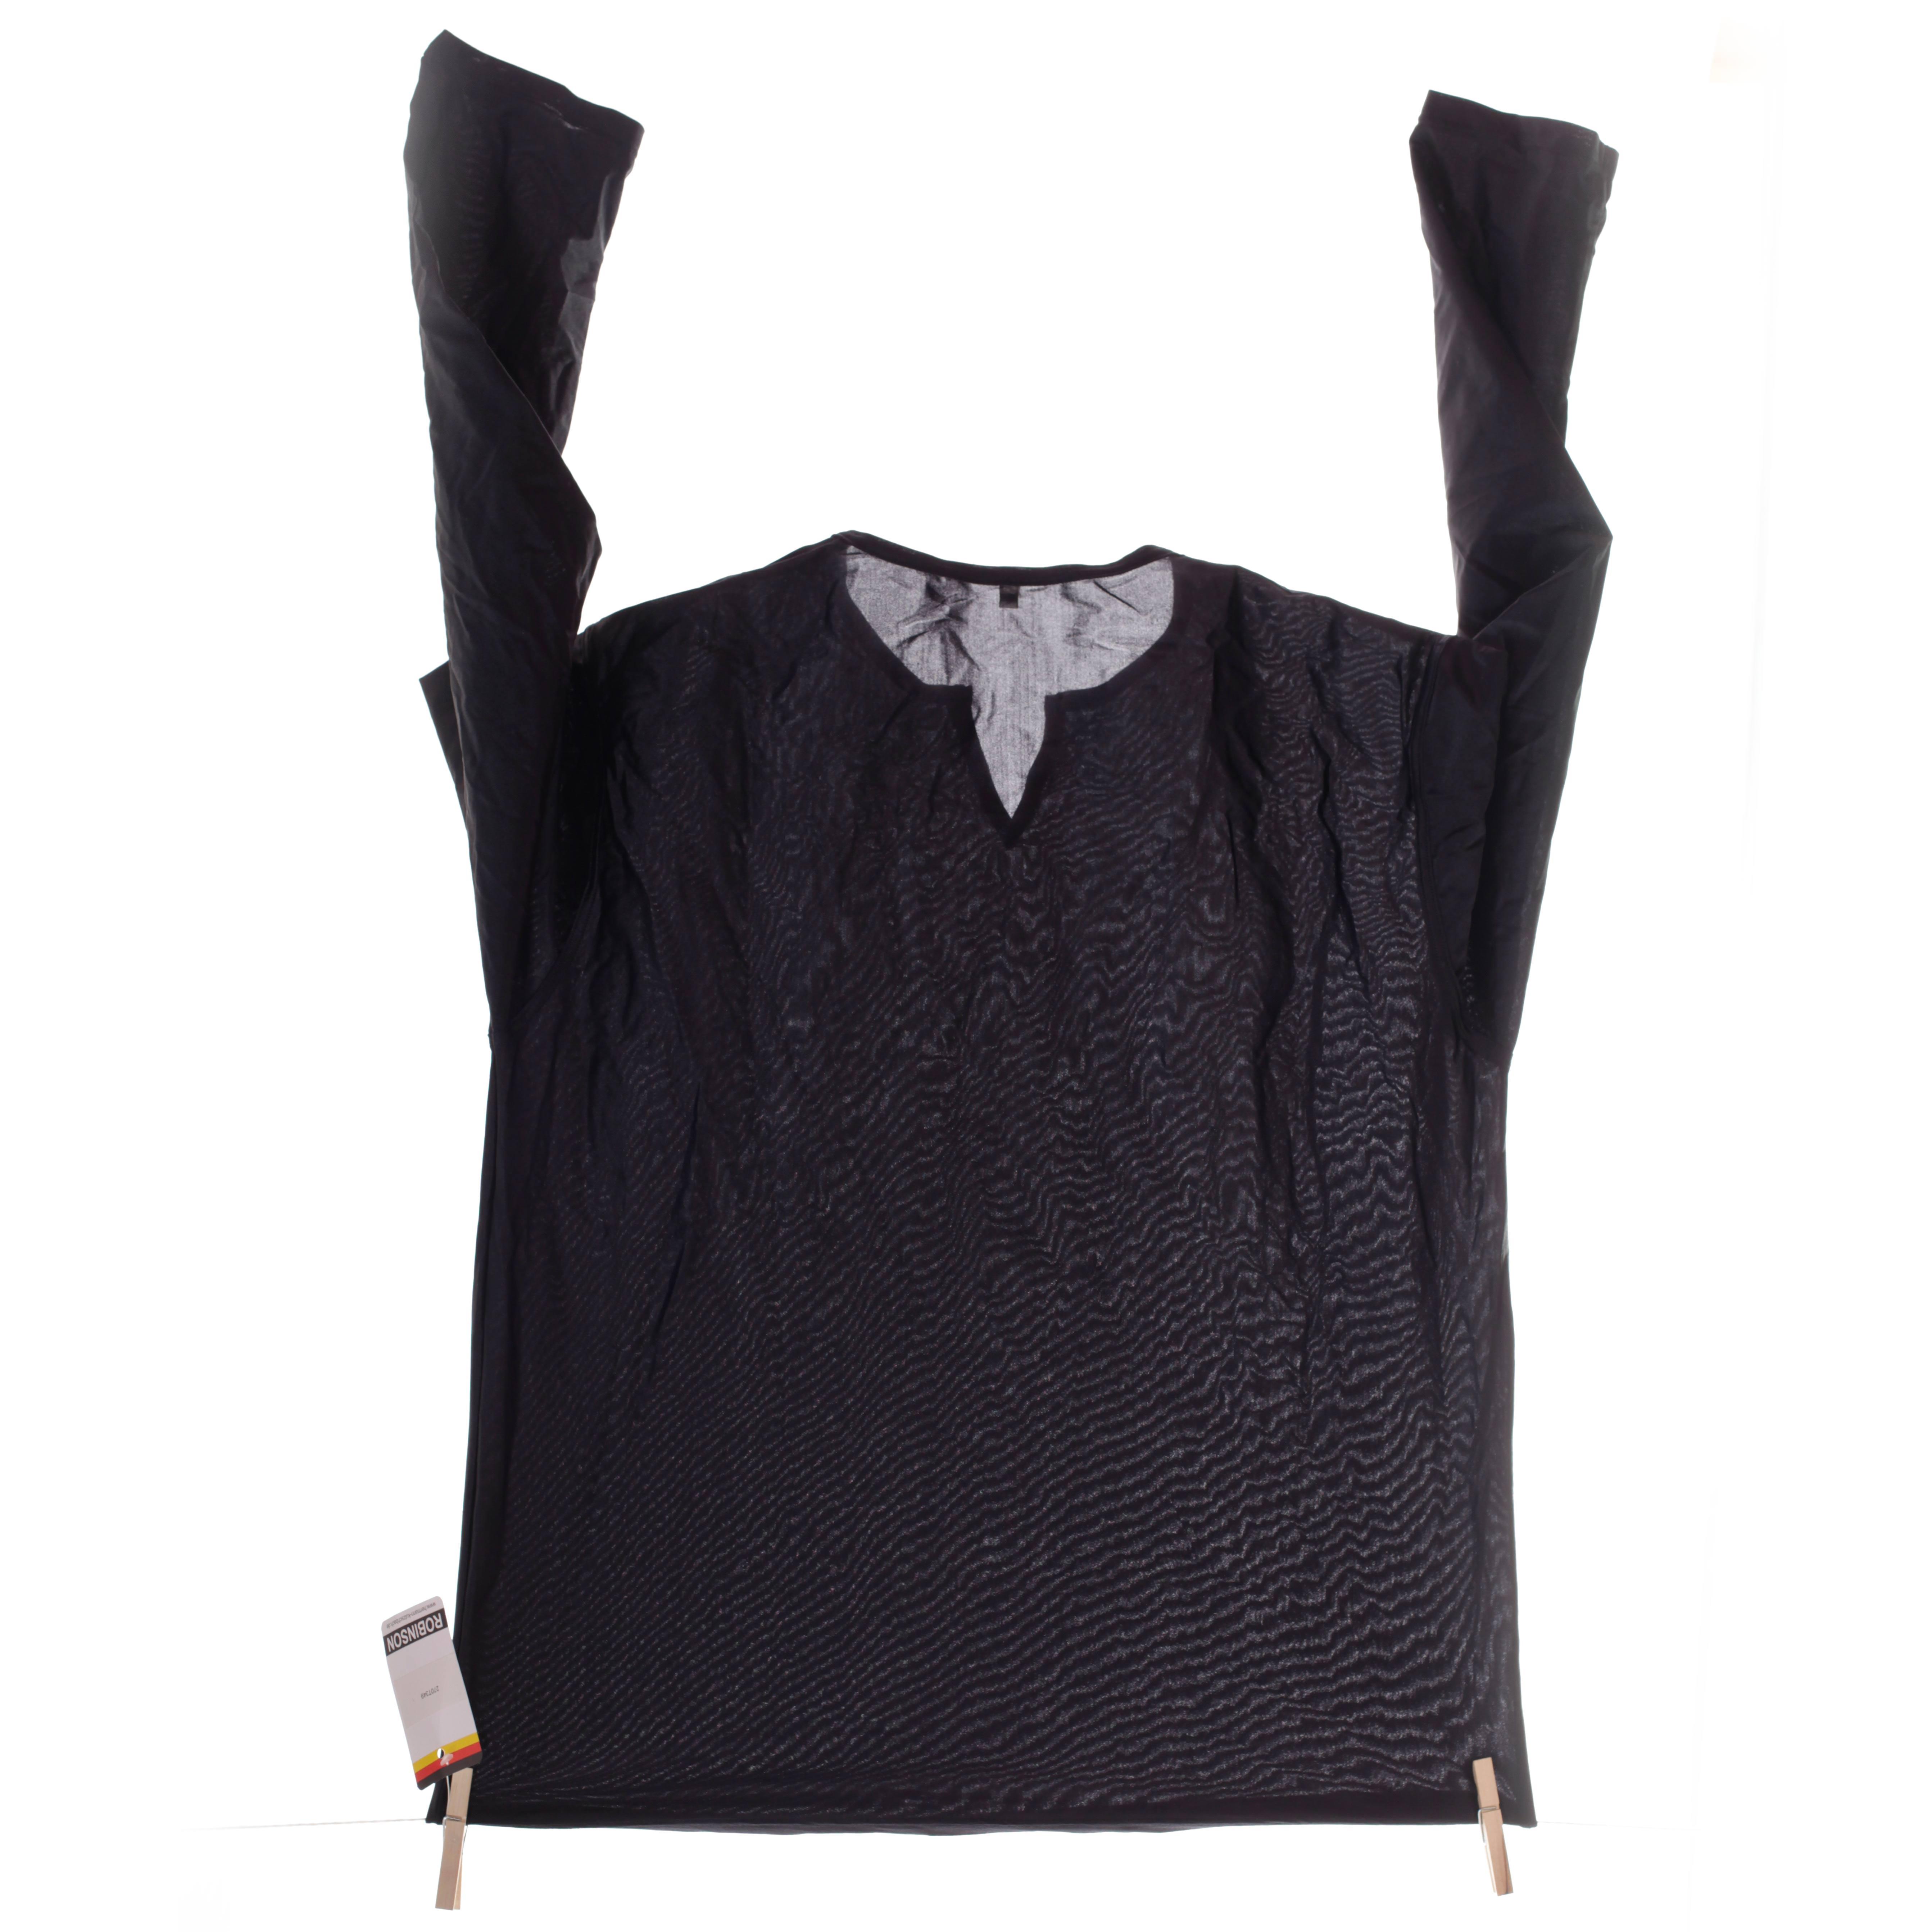 Schwarzes mattes -Shirt mit leichten V-Kragen Ausschnitt E314 ist ein ONLYforYOU Produkt und ist nur einmalig erhältlich.  Used Look durch einen extra weiten Schulterschnitt Größen Erhältlich in den Größe M Materialzusammensetzung 80% Polyesther 20% Elasthan Besonderheiten ONLY FOR ME Produkt | besonders feines, mattes, dehnbares Kunstleder, fast…